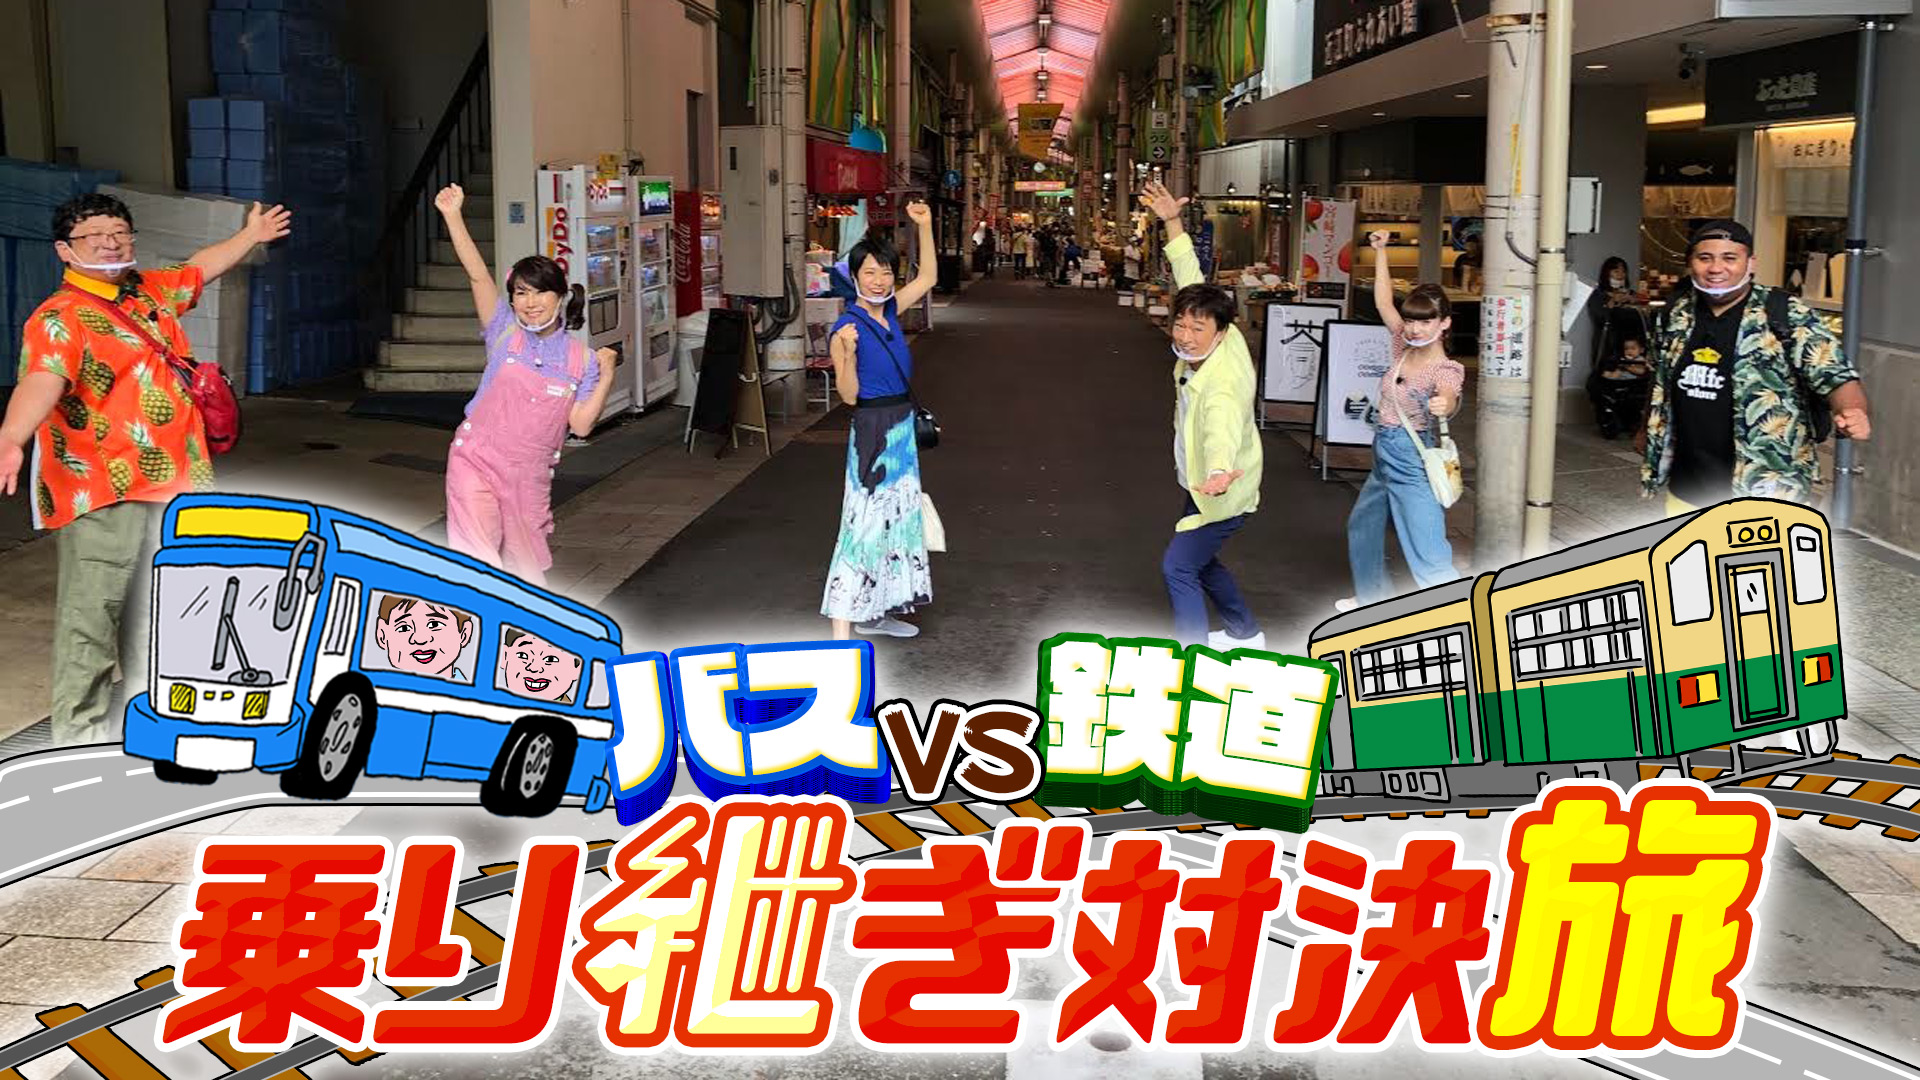 バラ 旅 3 対決 水 バス 路線 鉄道 ローカル 乗り継ぎ vs